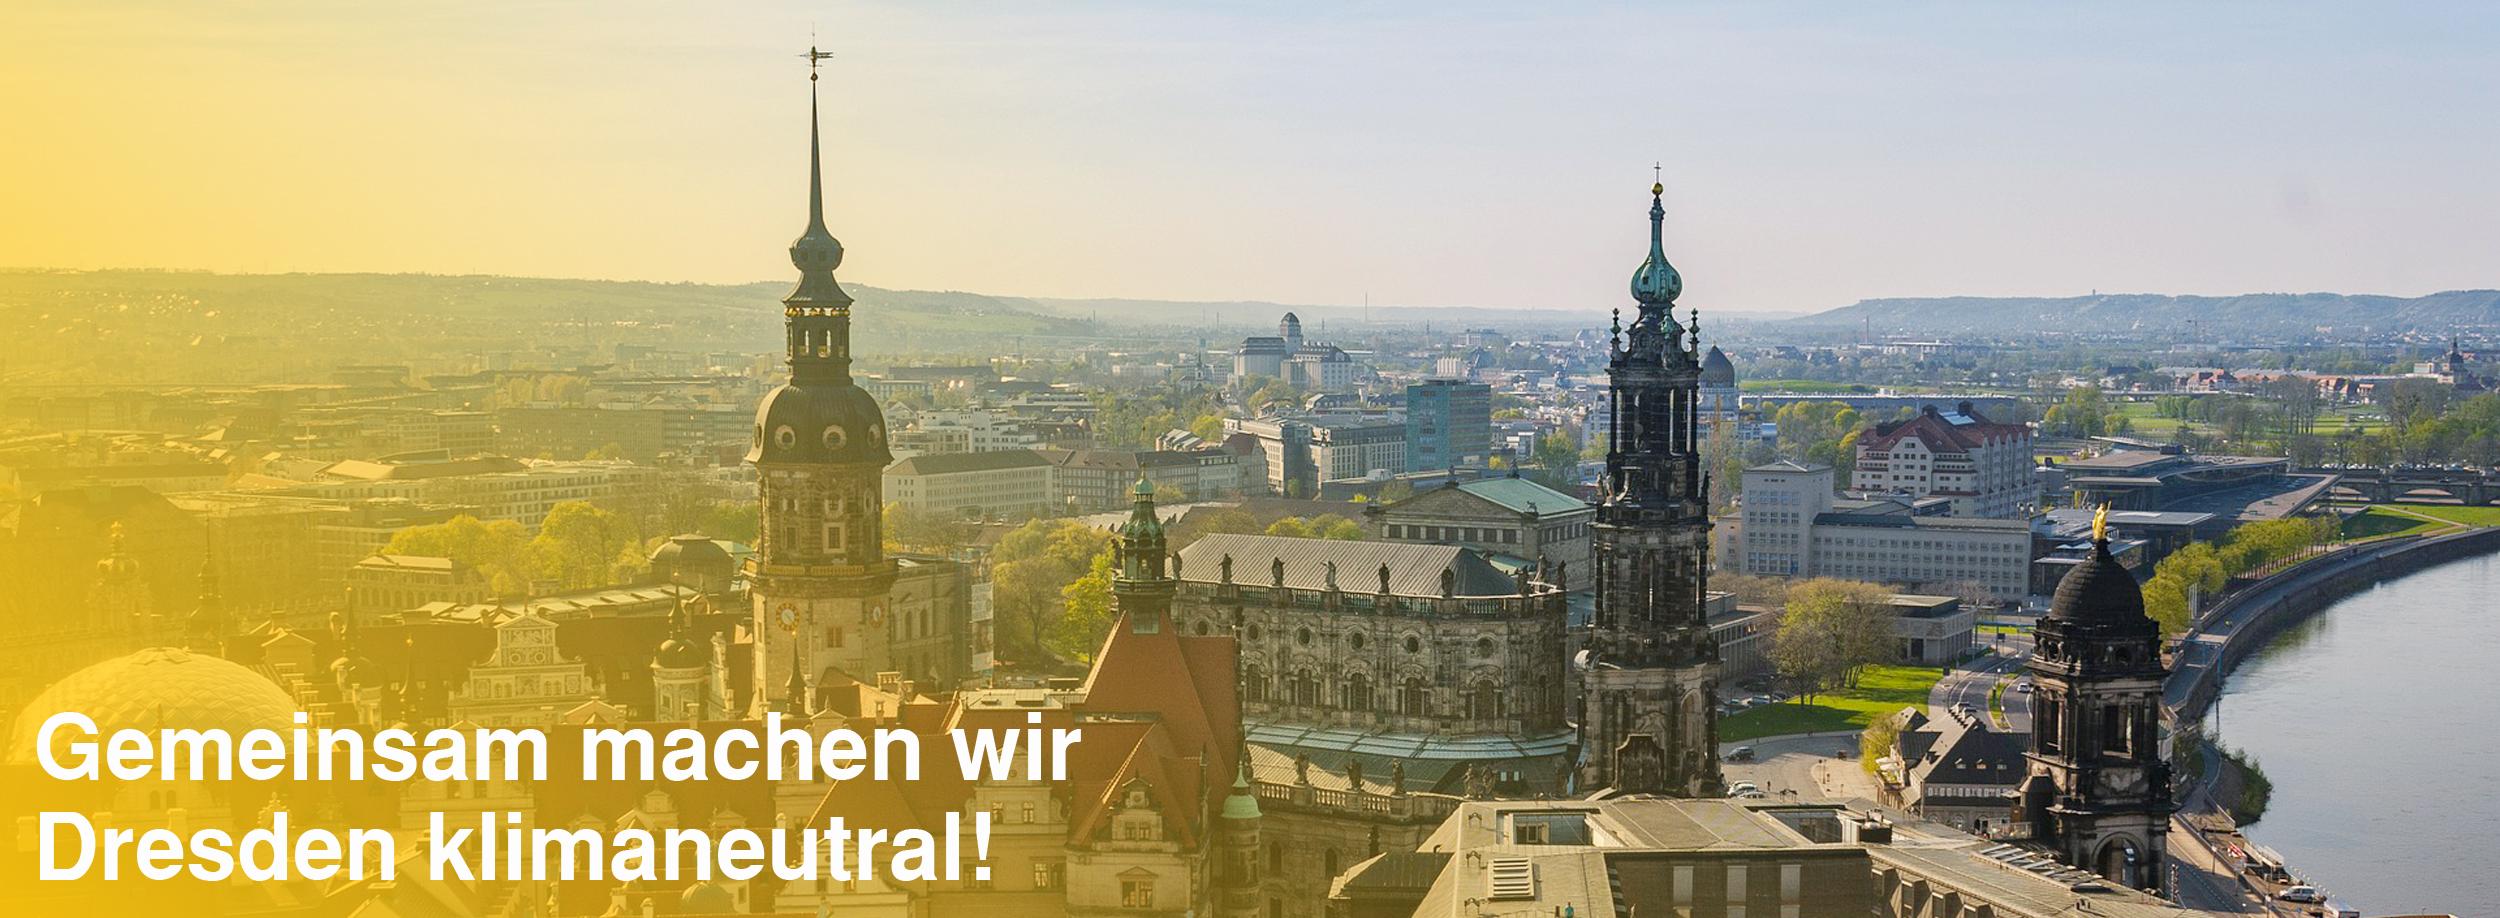 DresdenZero macht Dresden klimaneutral